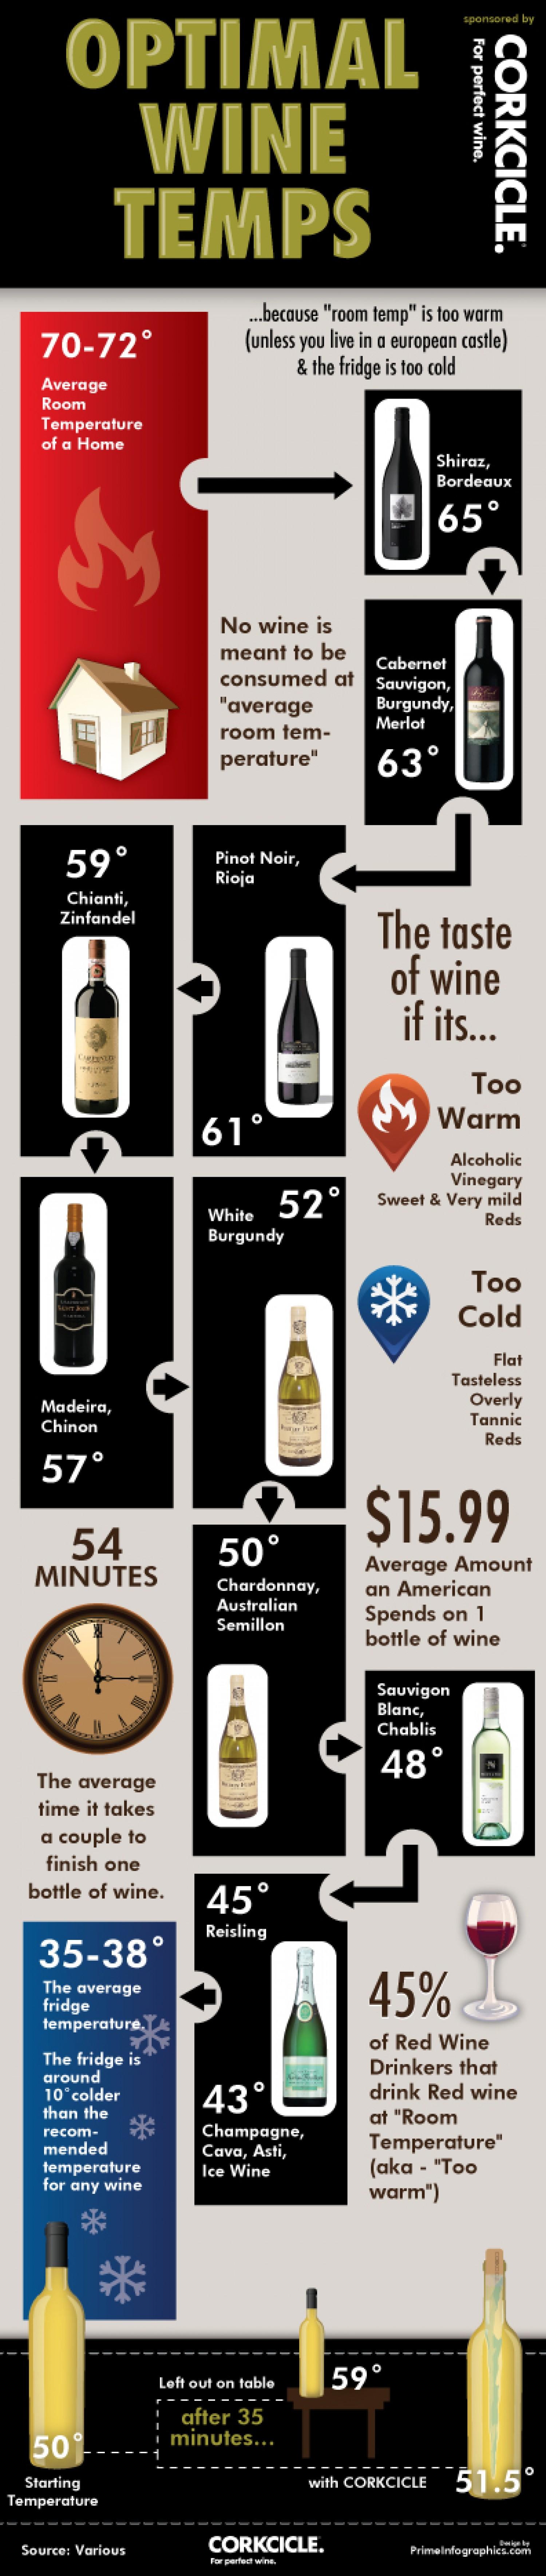 7. Wine Room Temperature